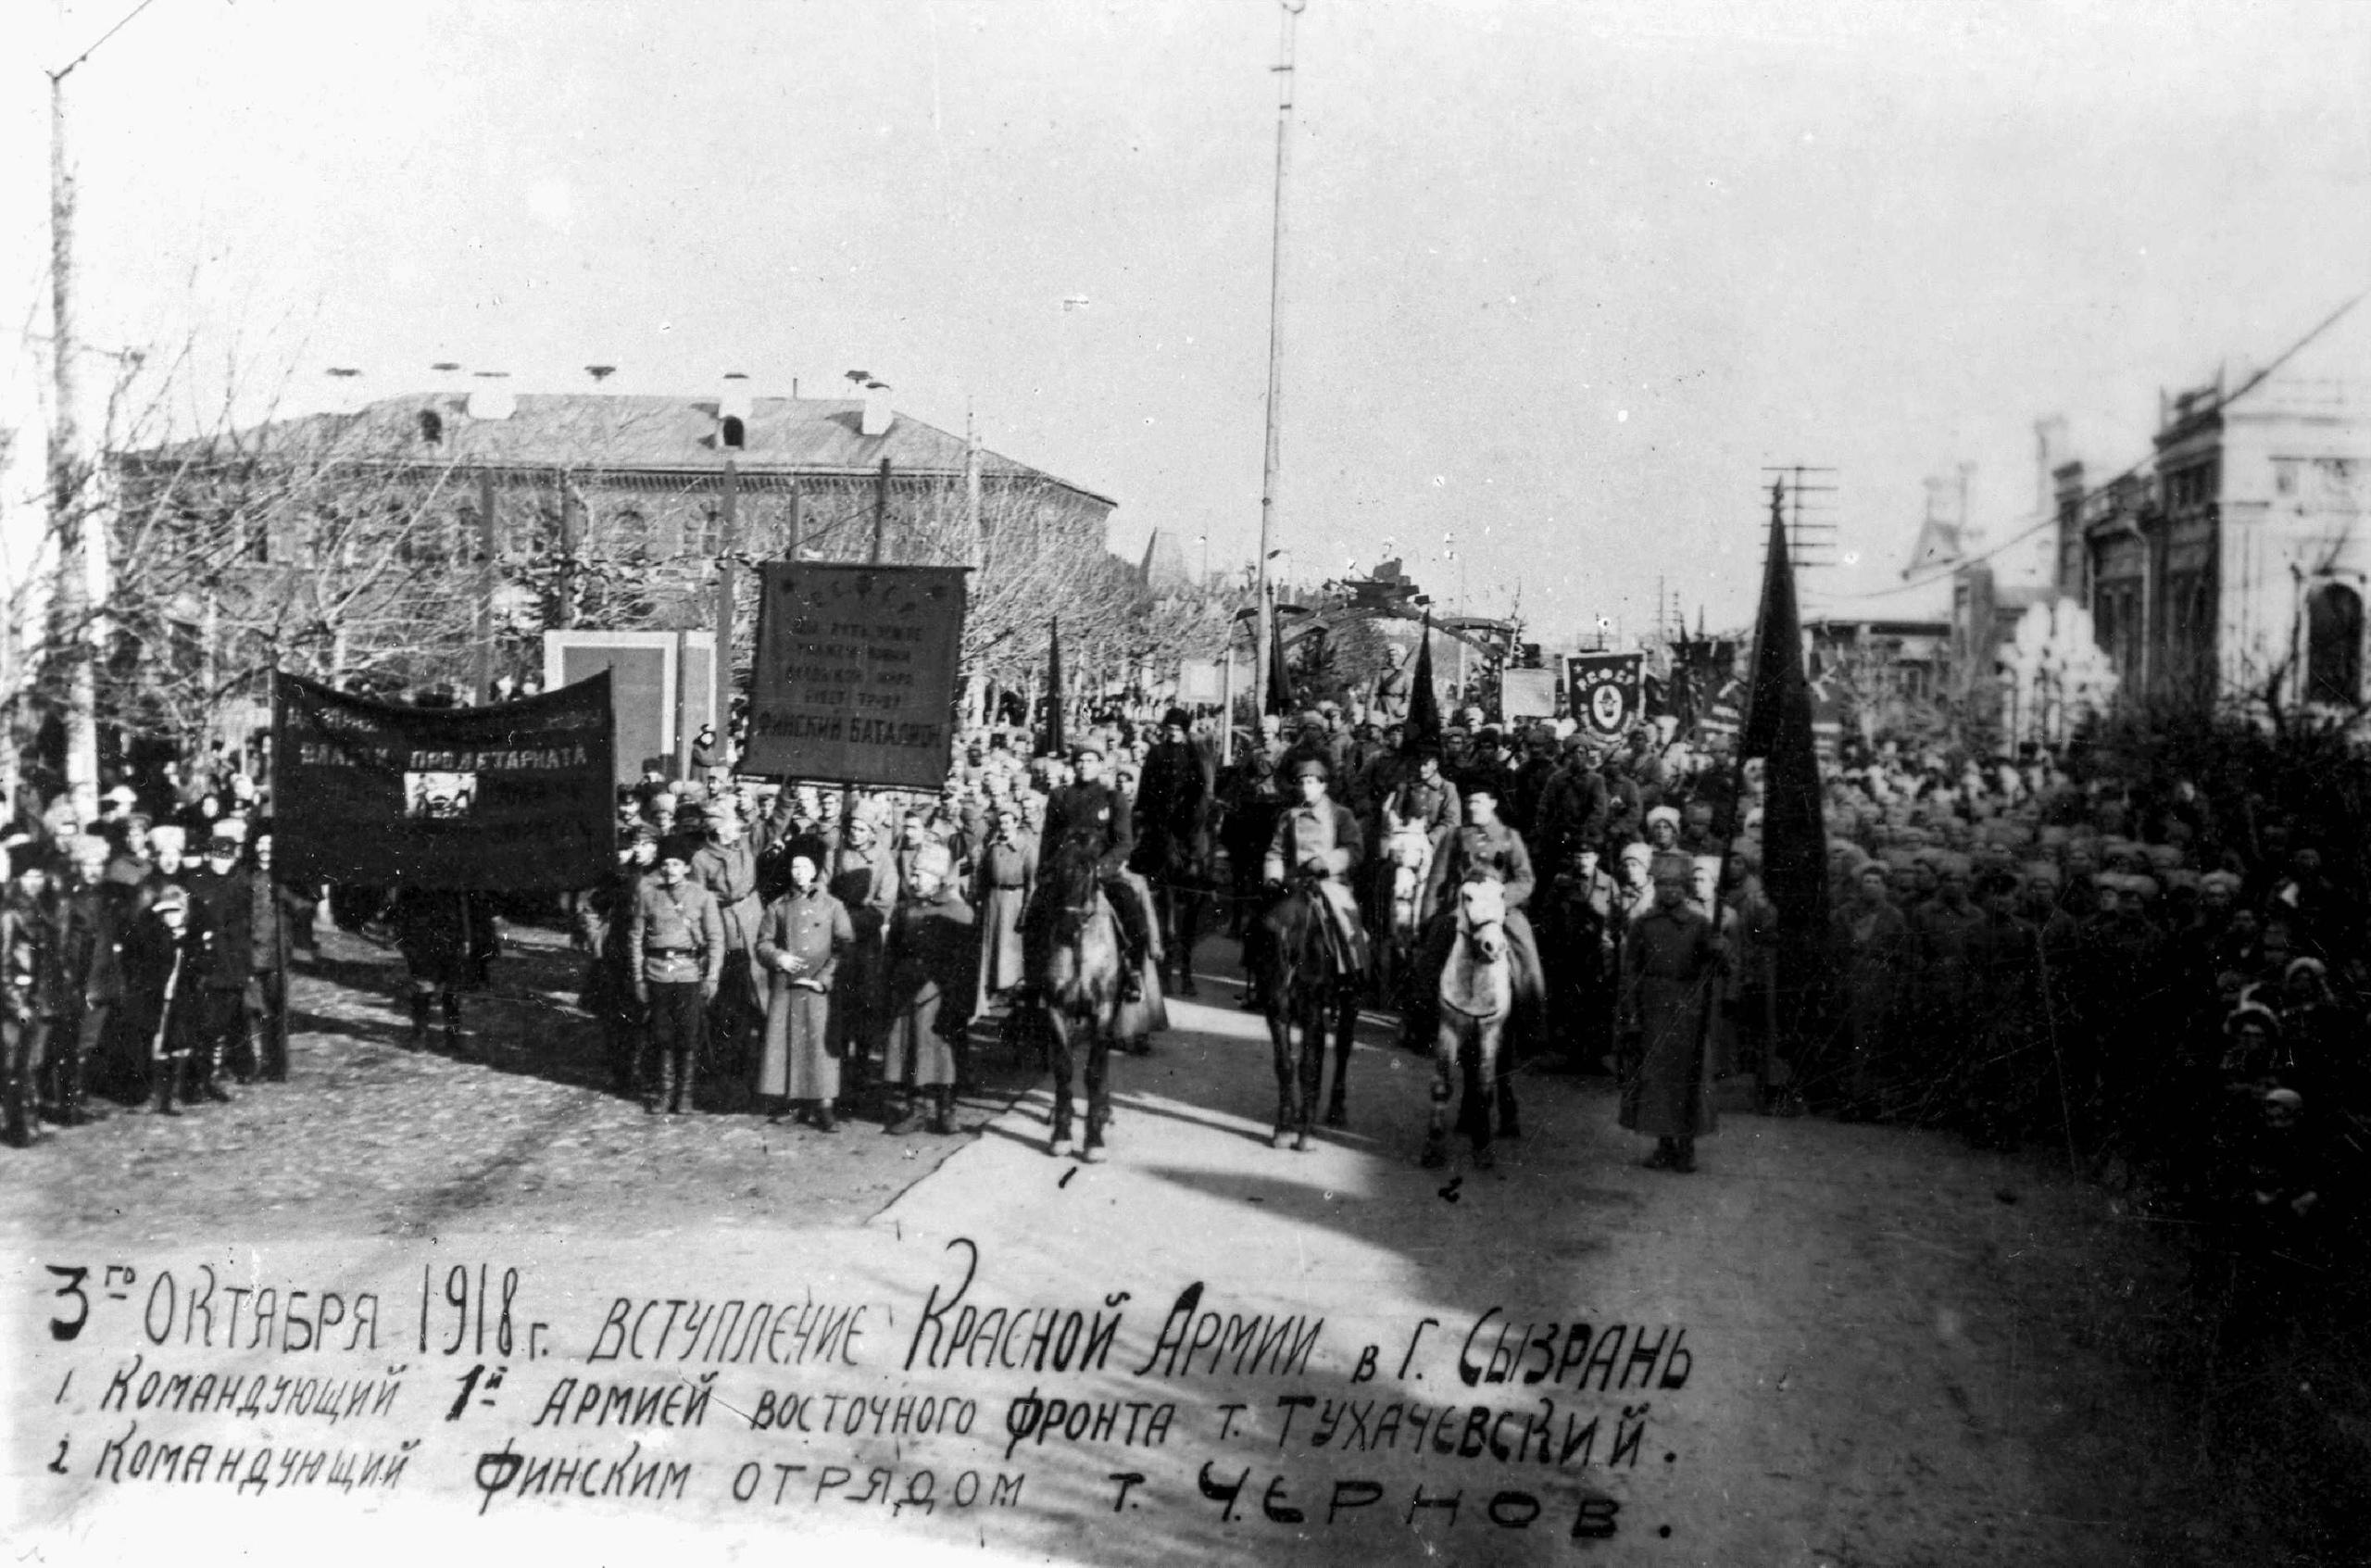 Кремль в лесах, Тухачевский на коне: самарский архив опубликовал раритетные снимки Сызрани